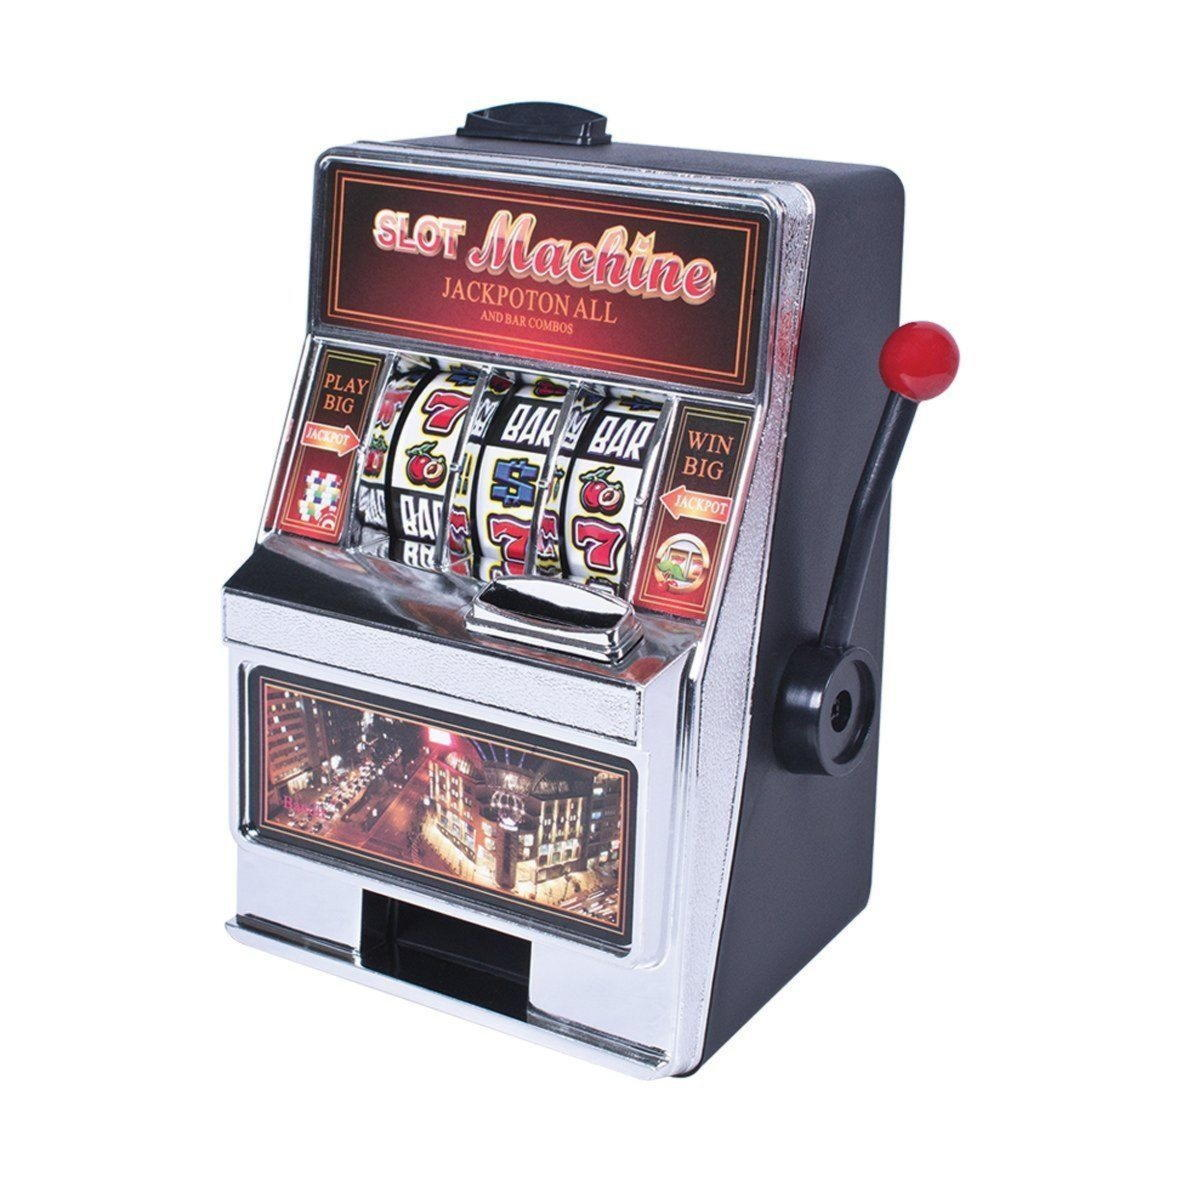 395٪ تطابق في كازينو في Casino.com